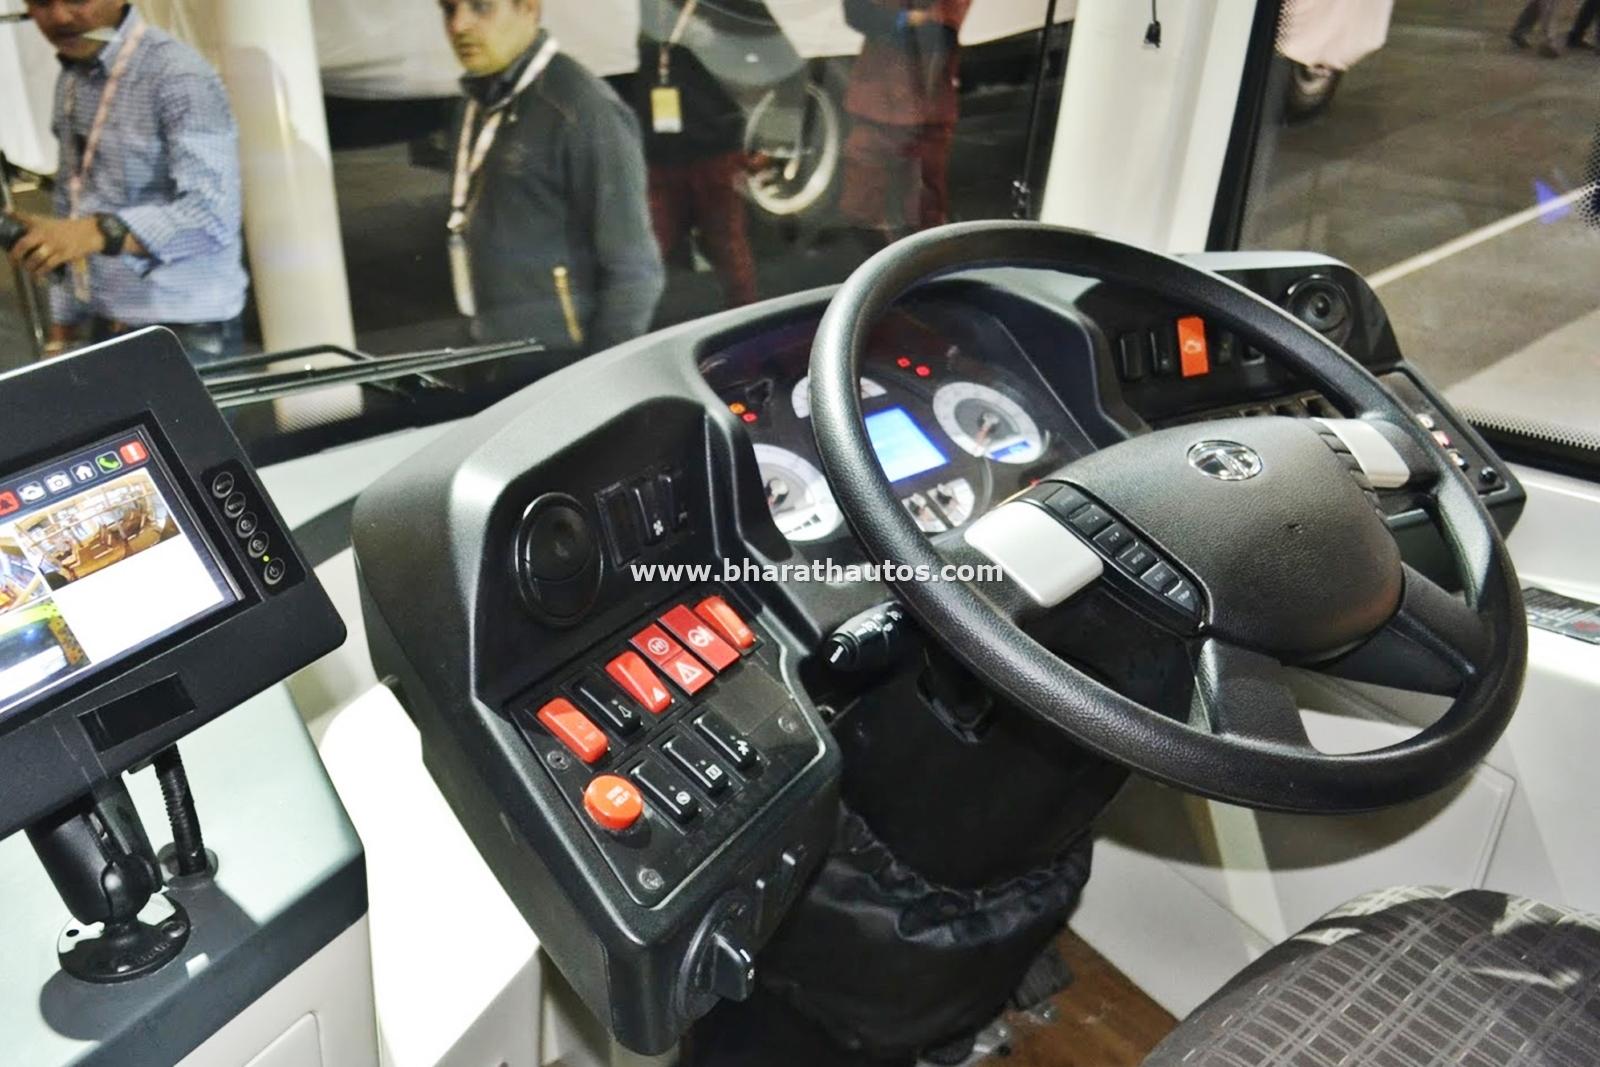 Tata Prima LX 4025.S Prime mover Trucks Image Gallery ...  |Tata Prima Bus Interior